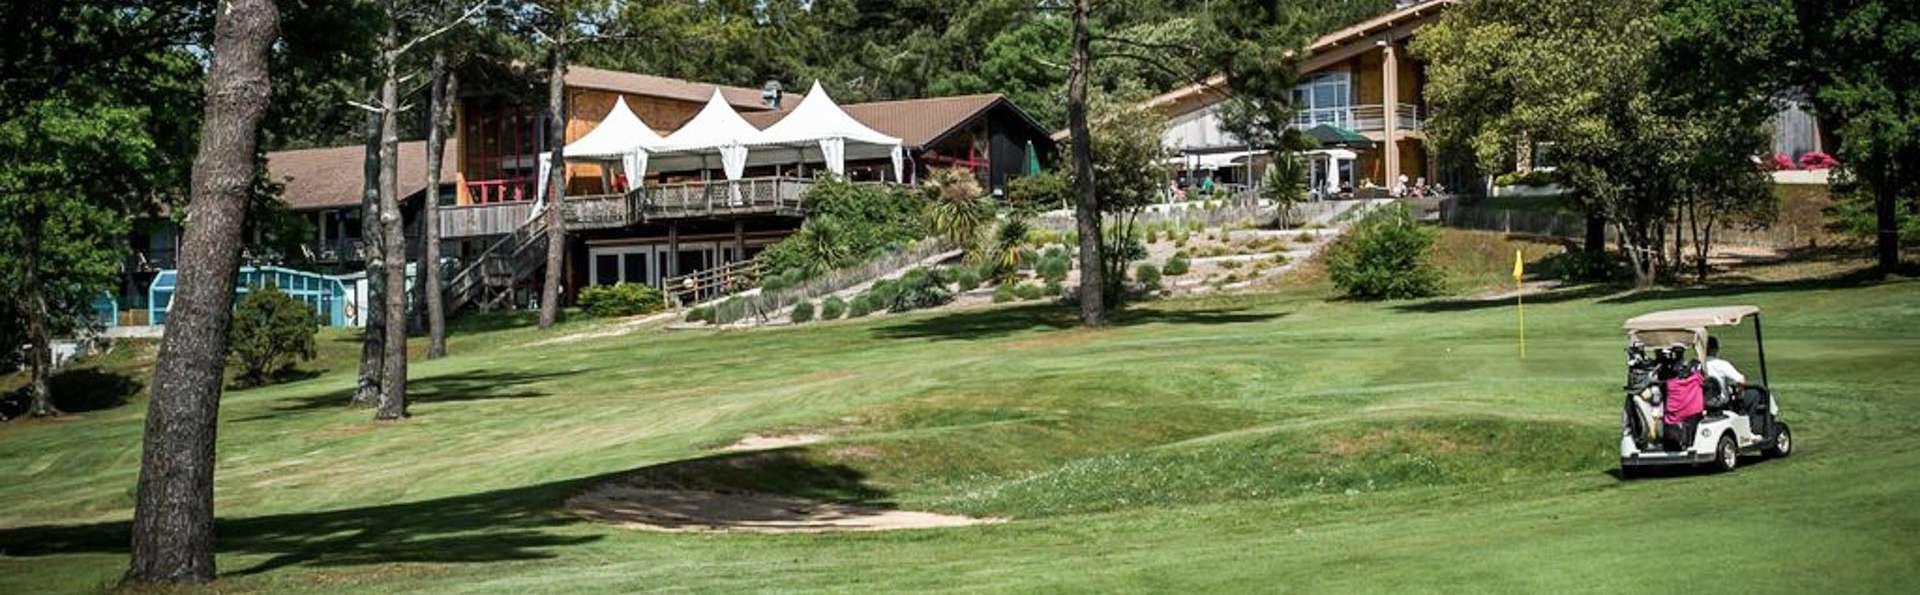 Best Western Golf Hotel Lacanau - EDIT_EXTERIOR_01.jpg